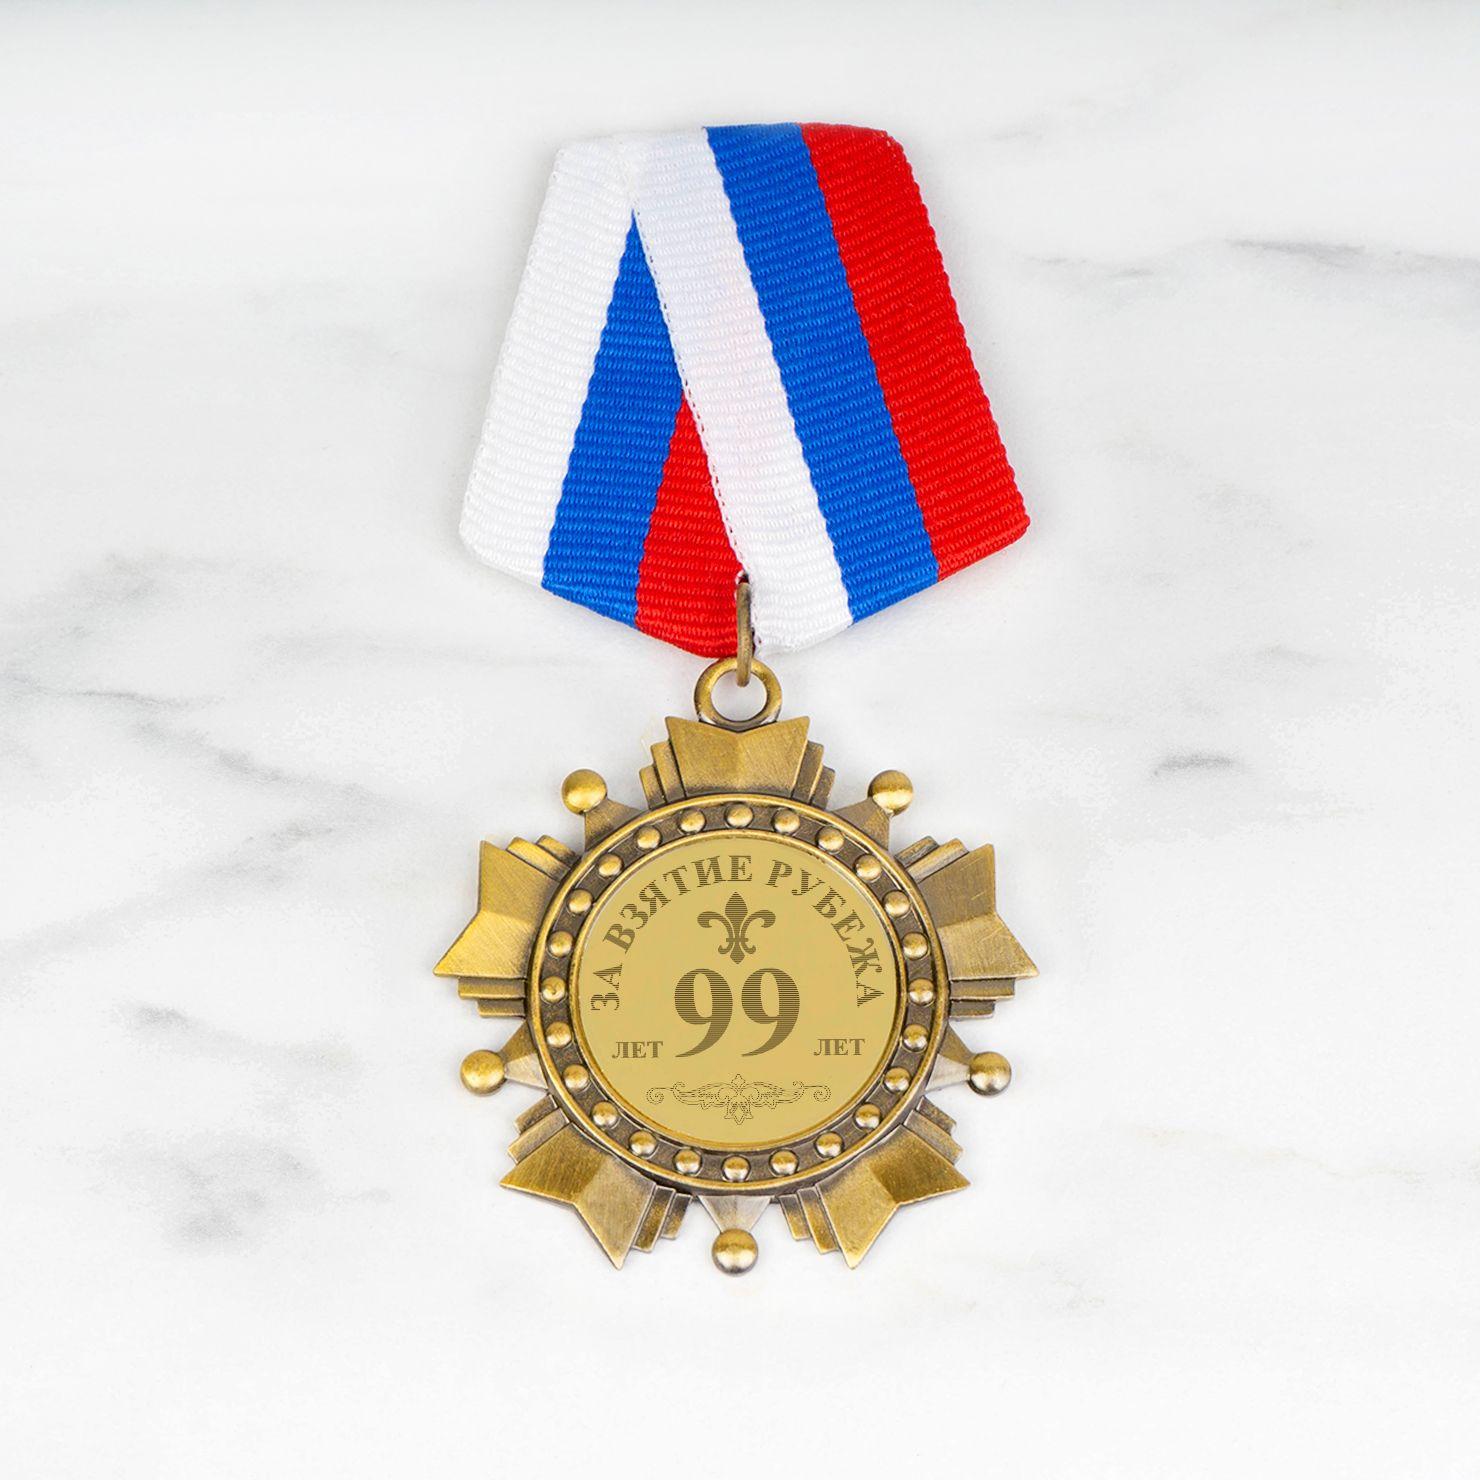 Орден *За взятие юбилея 99 лет*